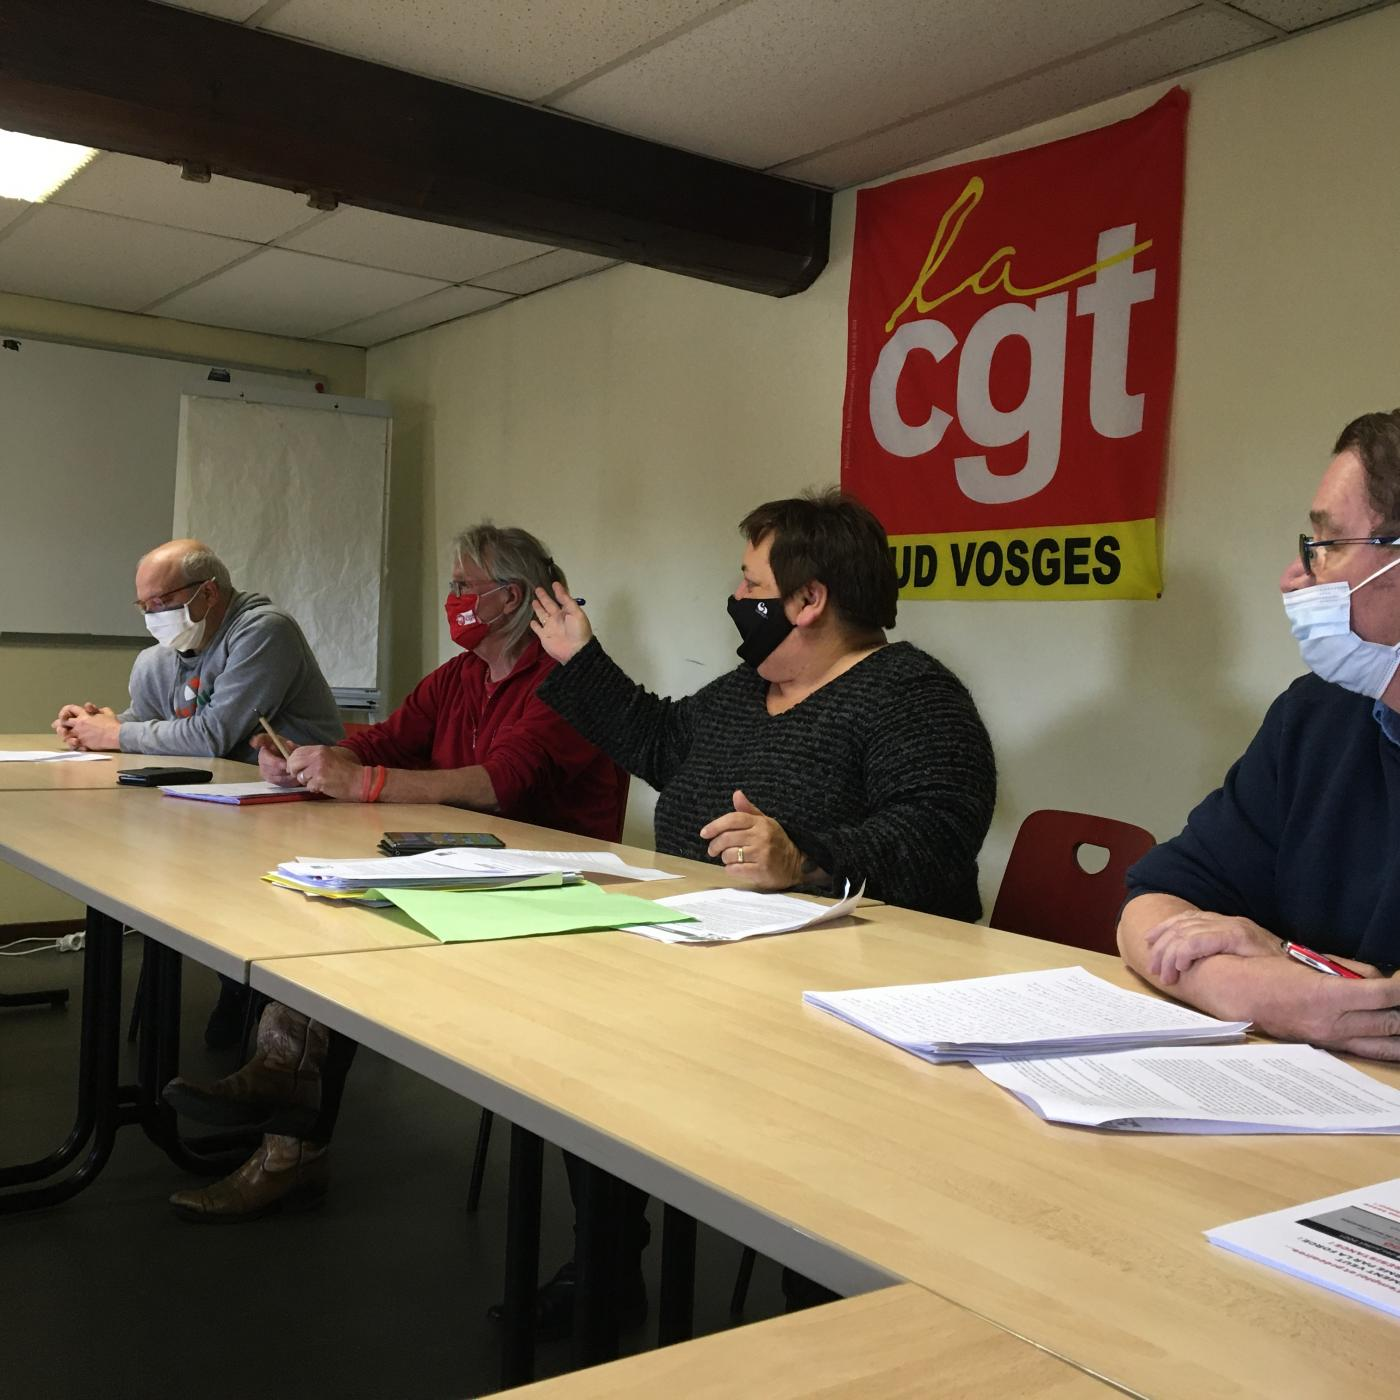 Social : La CGT en lutte contre la réforme de l'assurance chômage